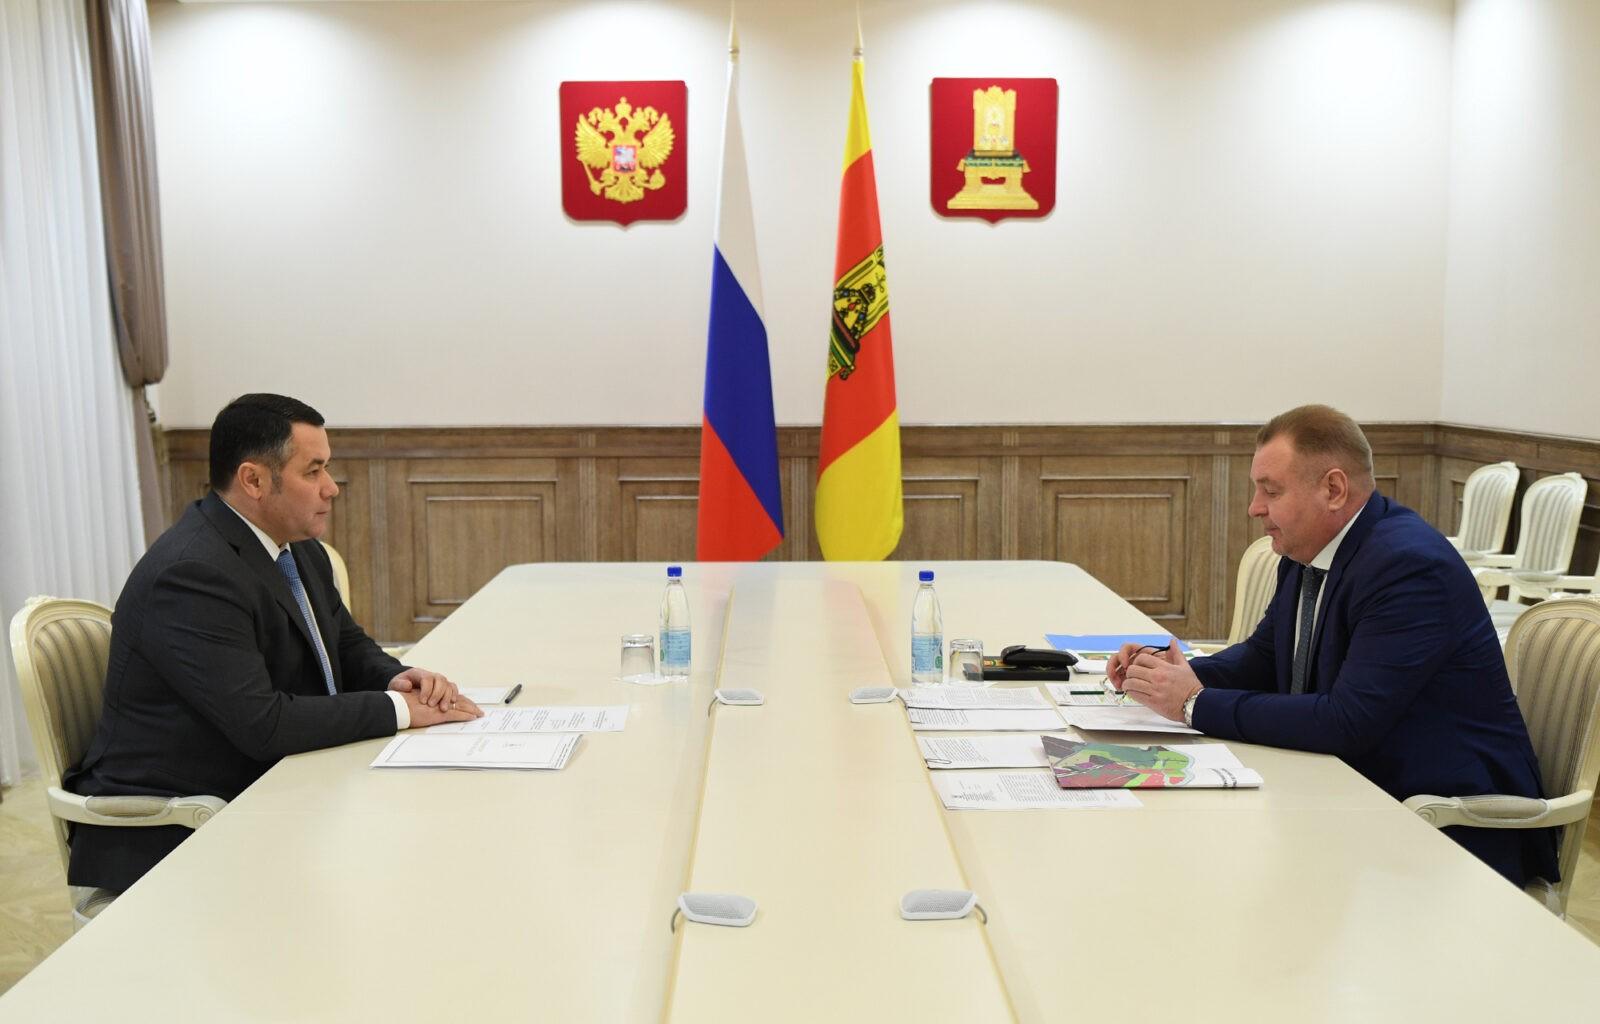 Губернатор Игорь Руденя провёл встречу с главой Калининского района Андреем Зайцевым